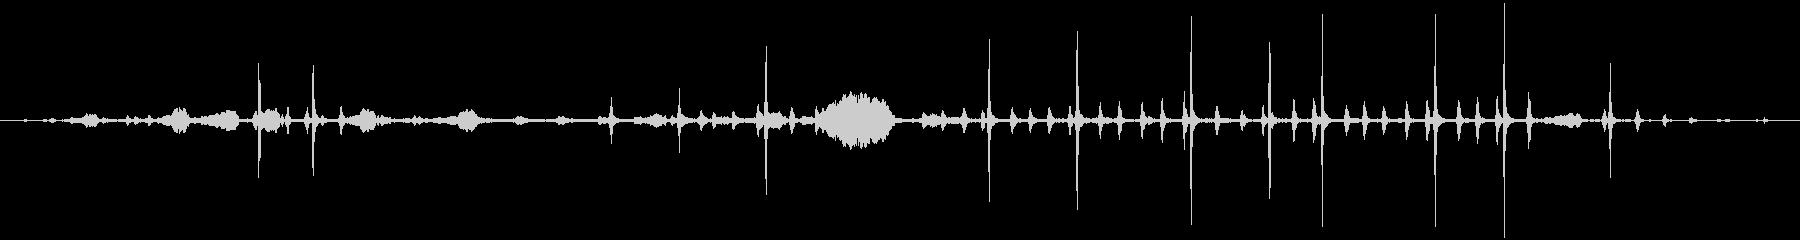 ケージ0-20の熱帯の鳥の未再生の波形